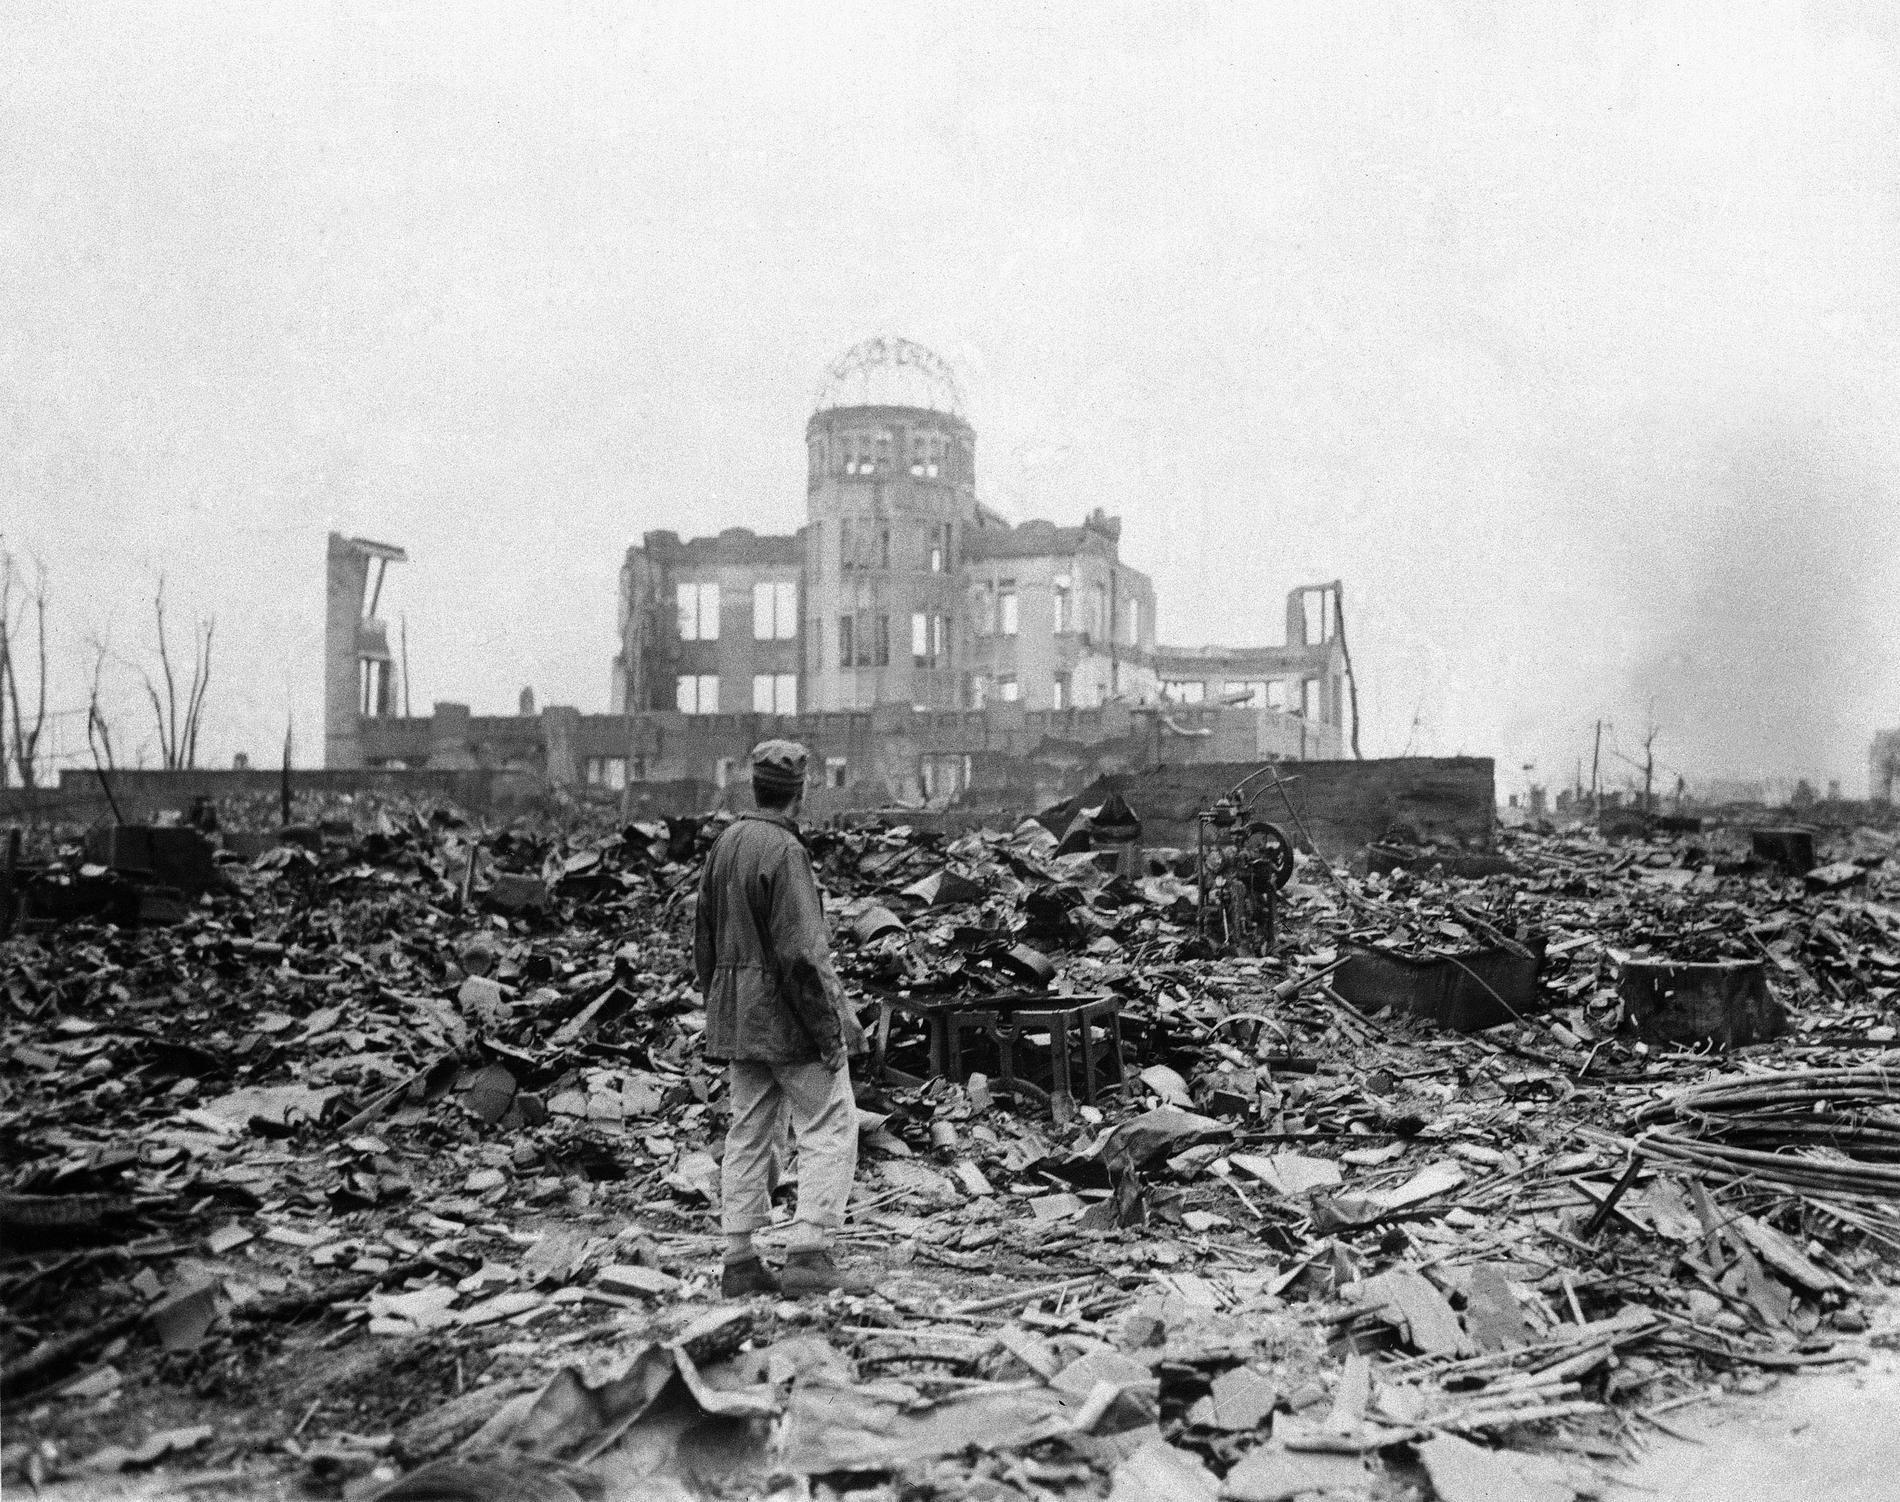 Ödeläggelsen var fruktansvärd efter atombombsattacken mot Hiroshima 1945. Meteoritexplosionen som tillintetgjorde en bronsåldersstad i Mellanöstern för omkring 3600 år sedan beräknas ha varit tusen gånger starkare. Arkivbild.